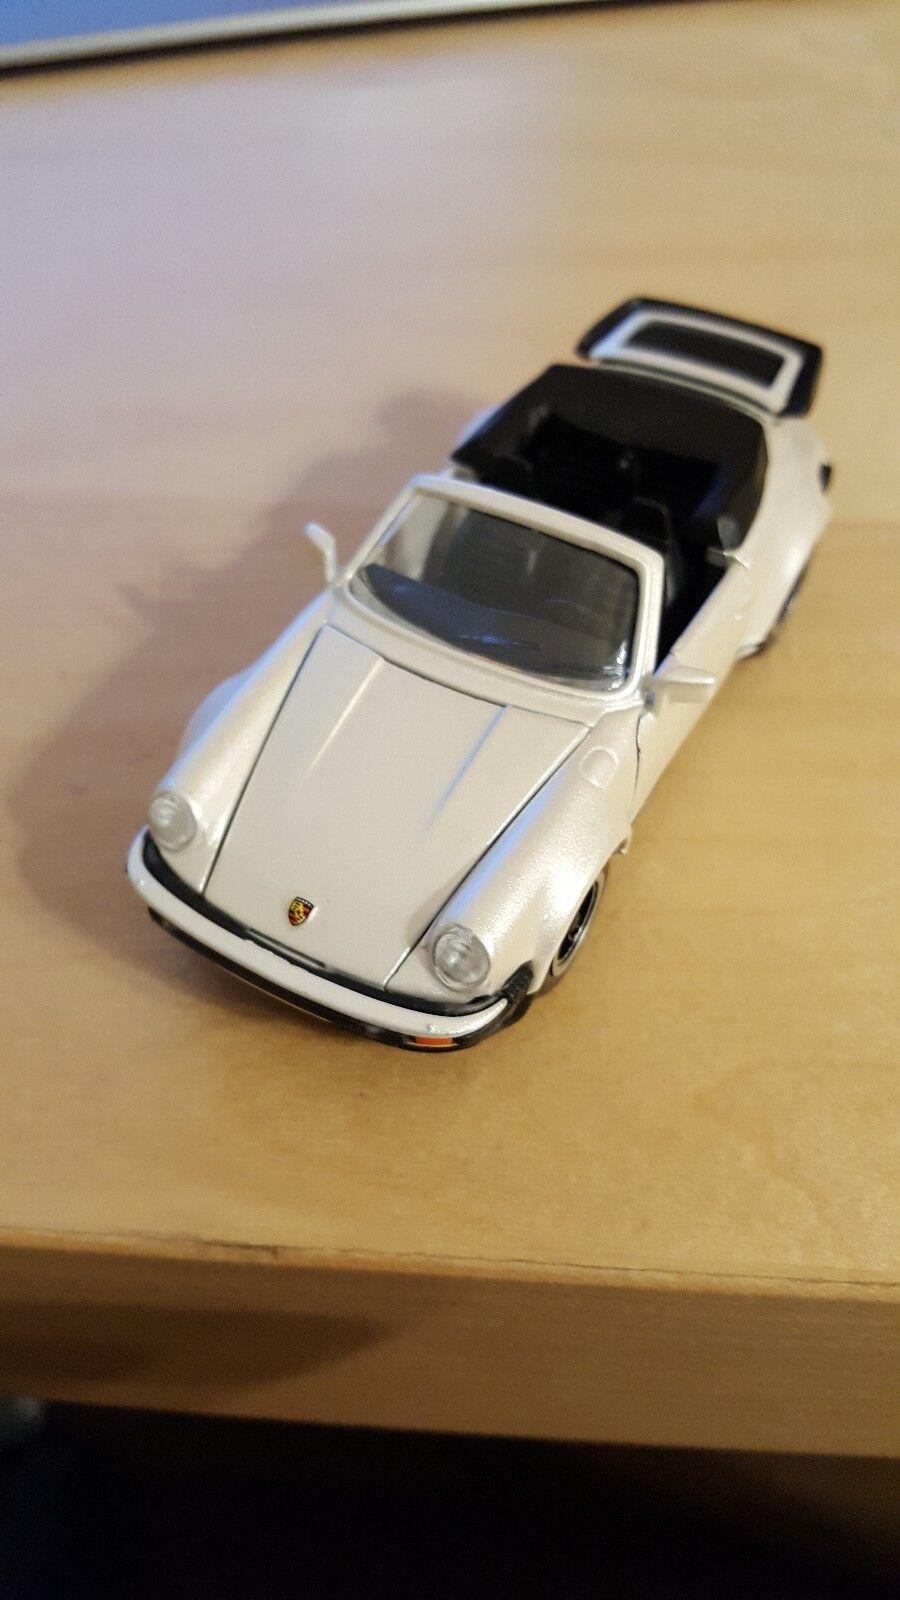 Porsche Turbo Cabriolet Perlmutwhite NZG Nr. 304